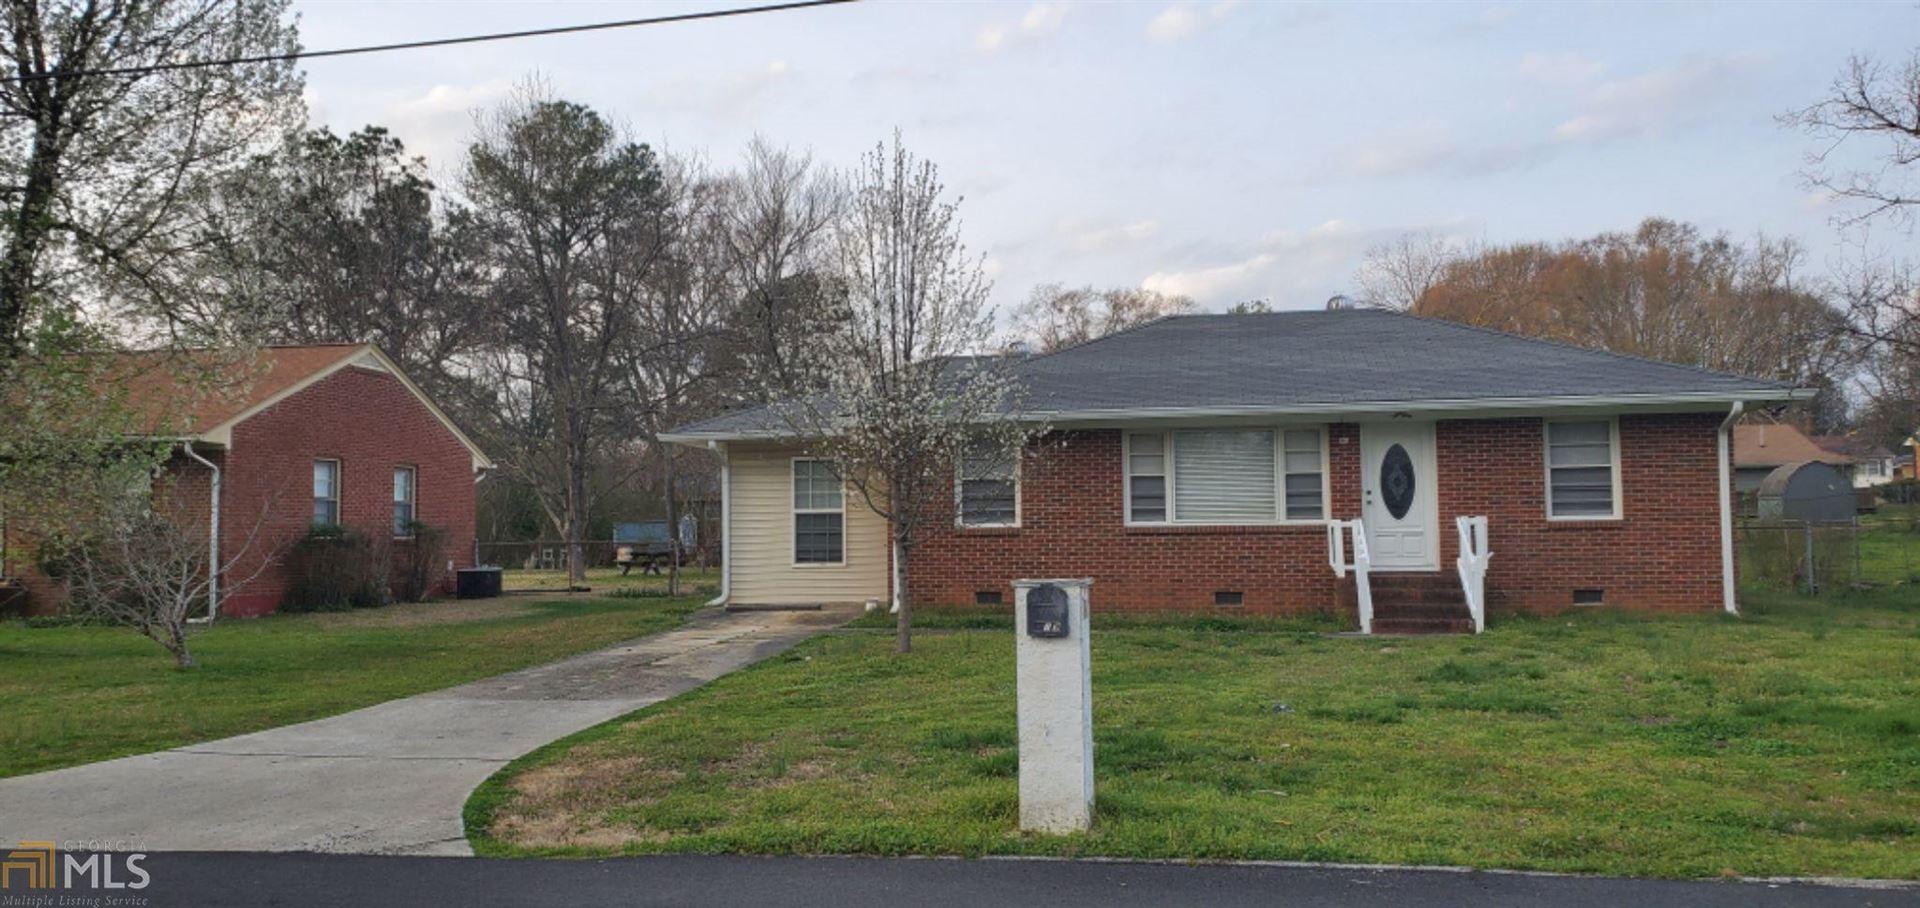 519 Pine St, Riverdale, GA 30274 - #: 8753584